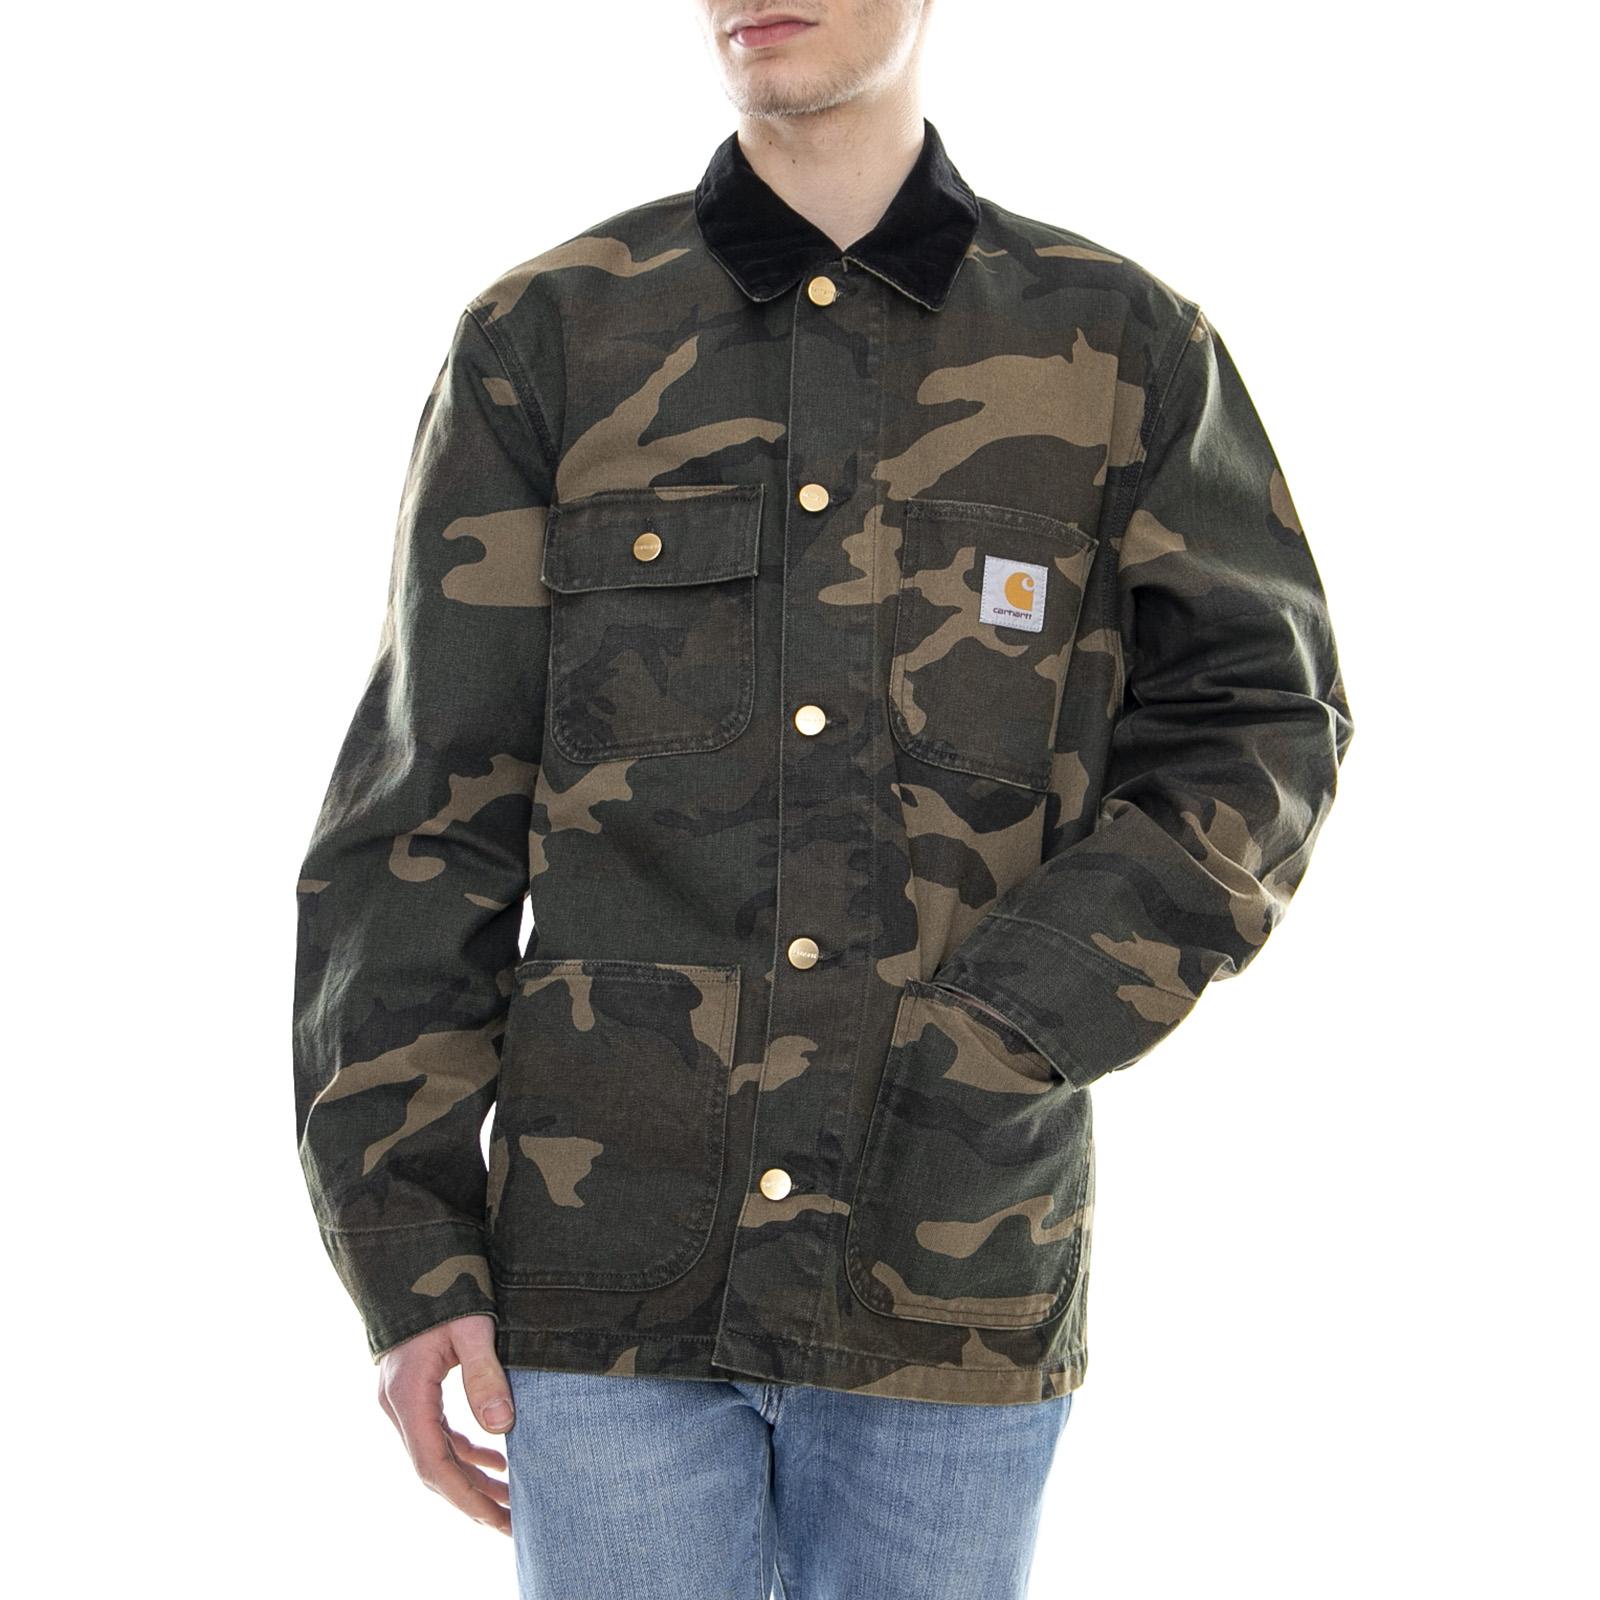 b8158a6935651 Carhartt Michigan Coat Rinsed Camo Laurel - Jacket Light Men's Camo ...